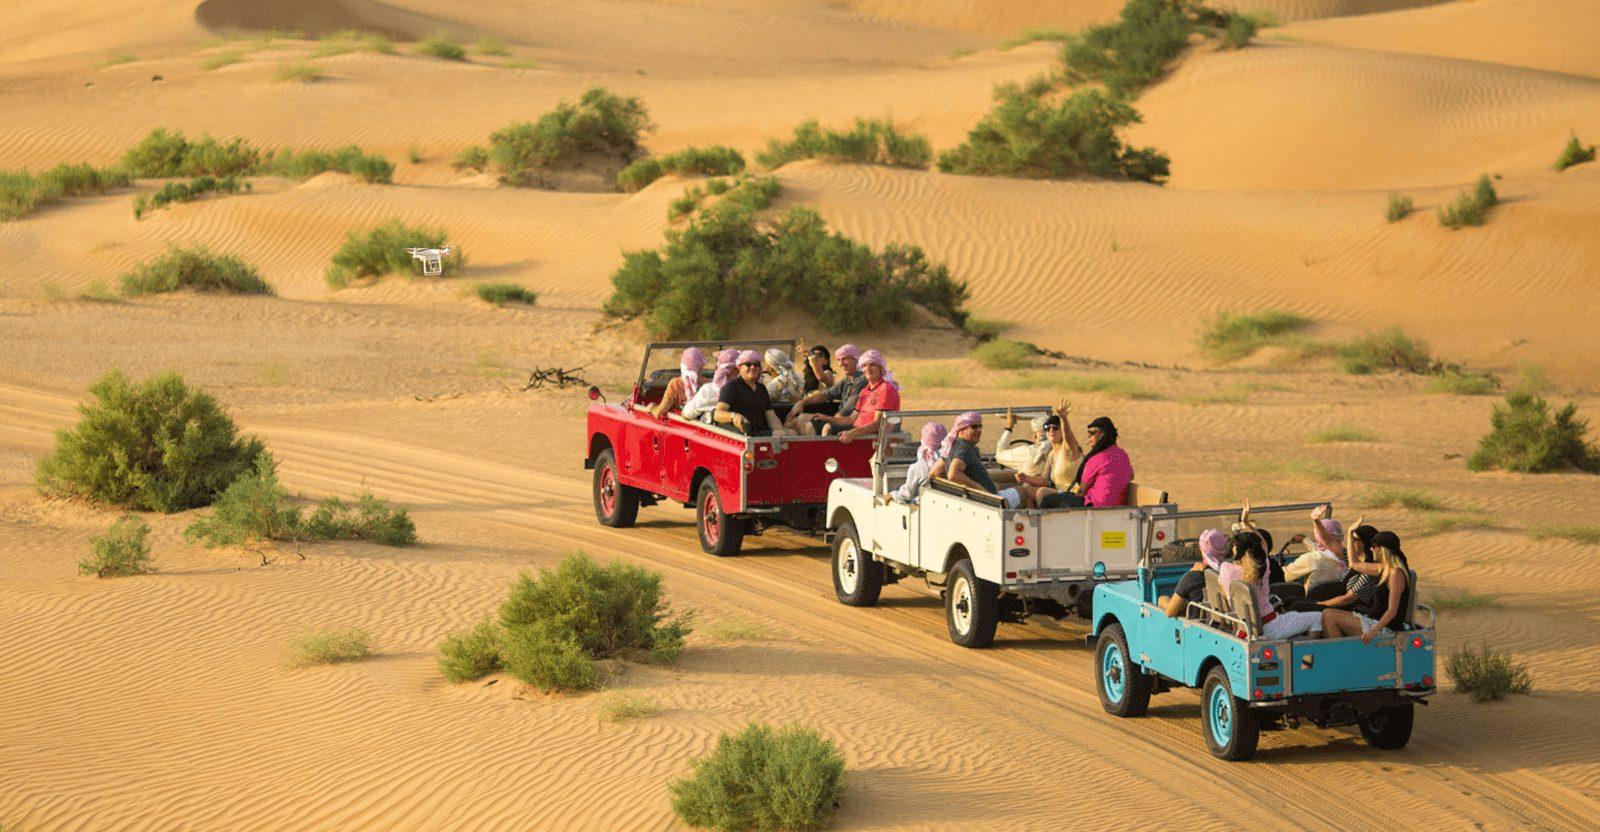 Online Aktion: Gratis Video Ihrer Dubai Wüstensafari